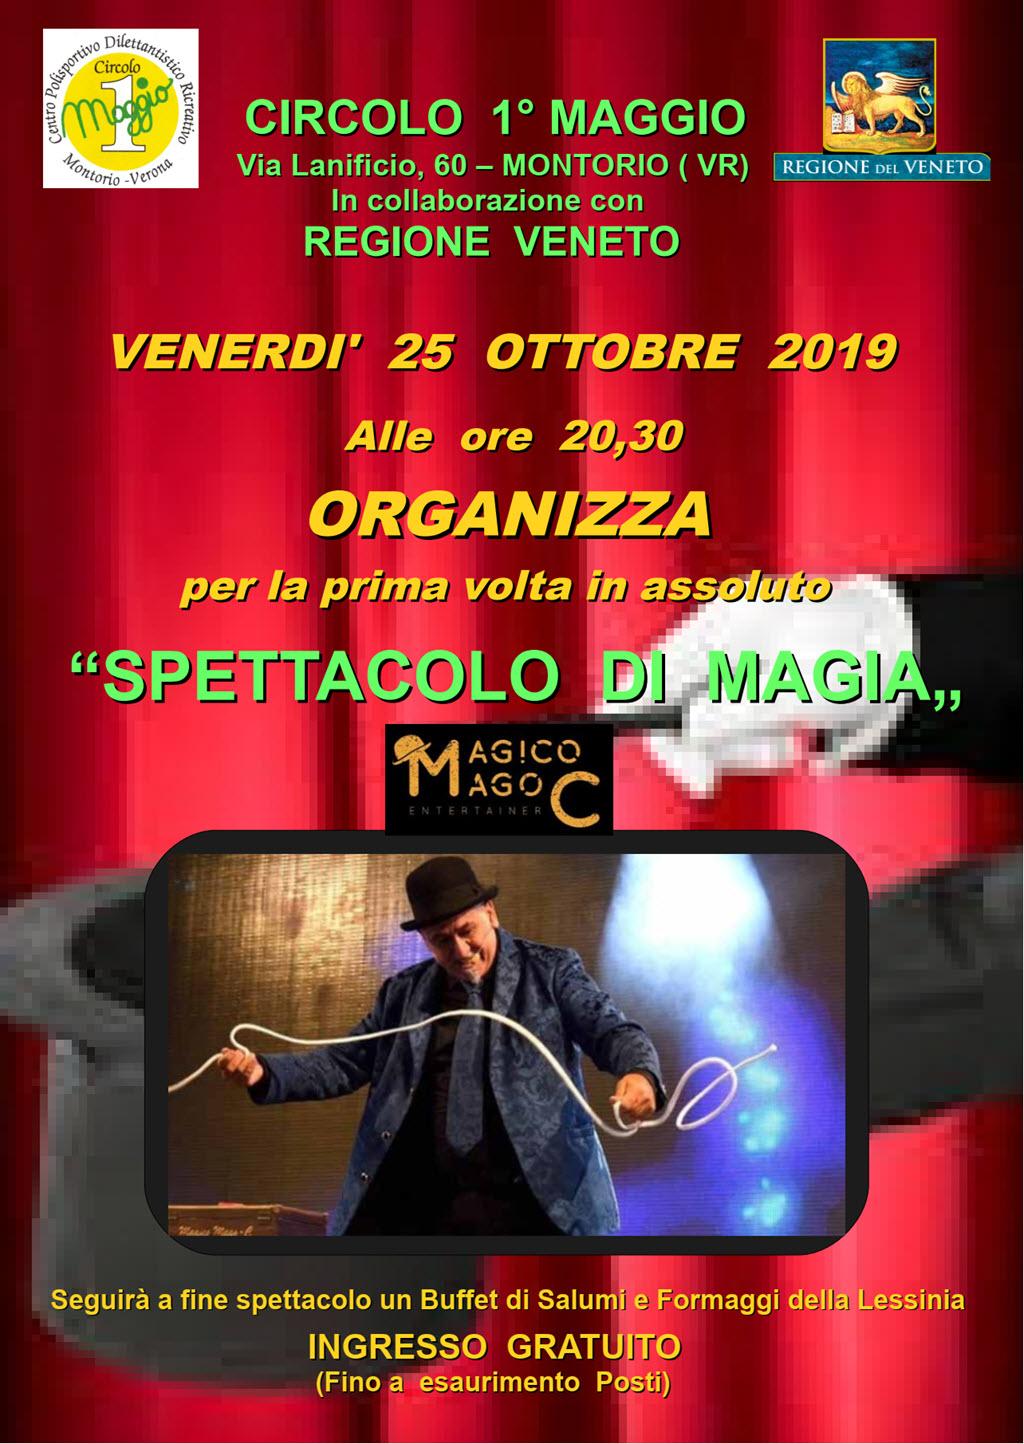 Spettacolo di magia @ Circolo I Maggio | Montorio | Veneto | Italia